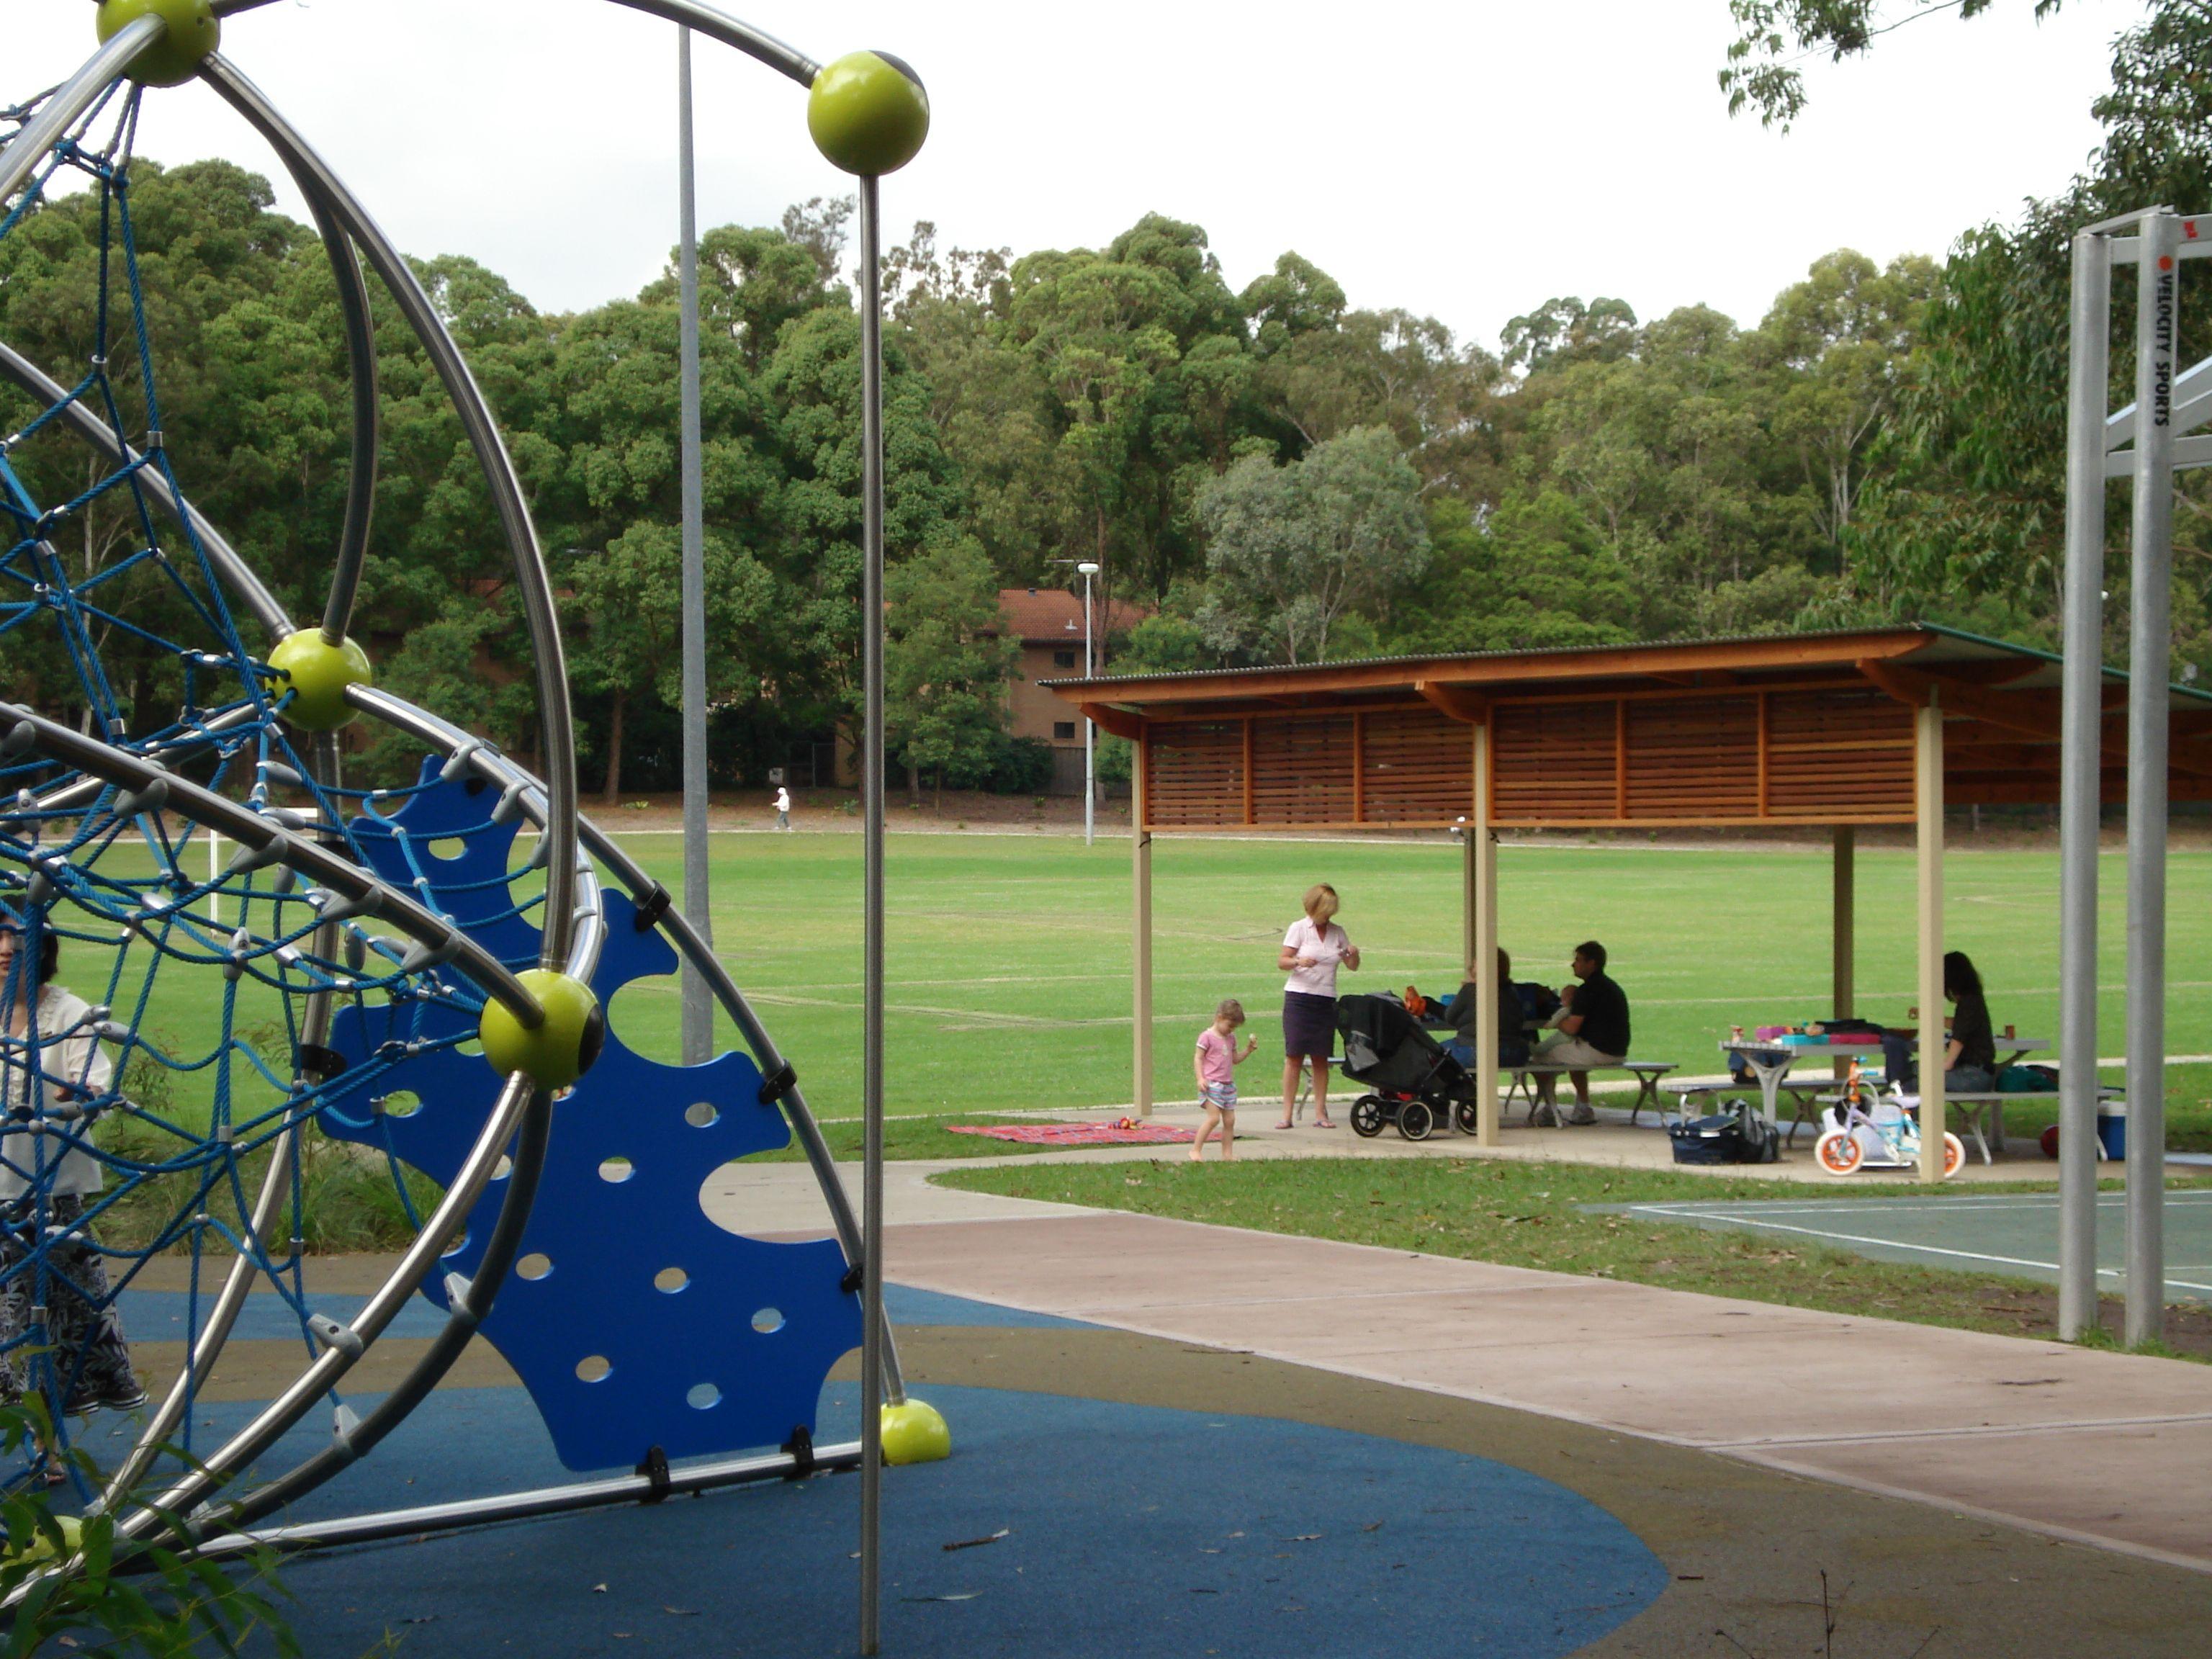 Waterloo Park Kids Playground Waterloo Road Marsfield Nsw Marsfield Ryde Park Playground Kids Cityofryde Park Playground Kids Playground Playground